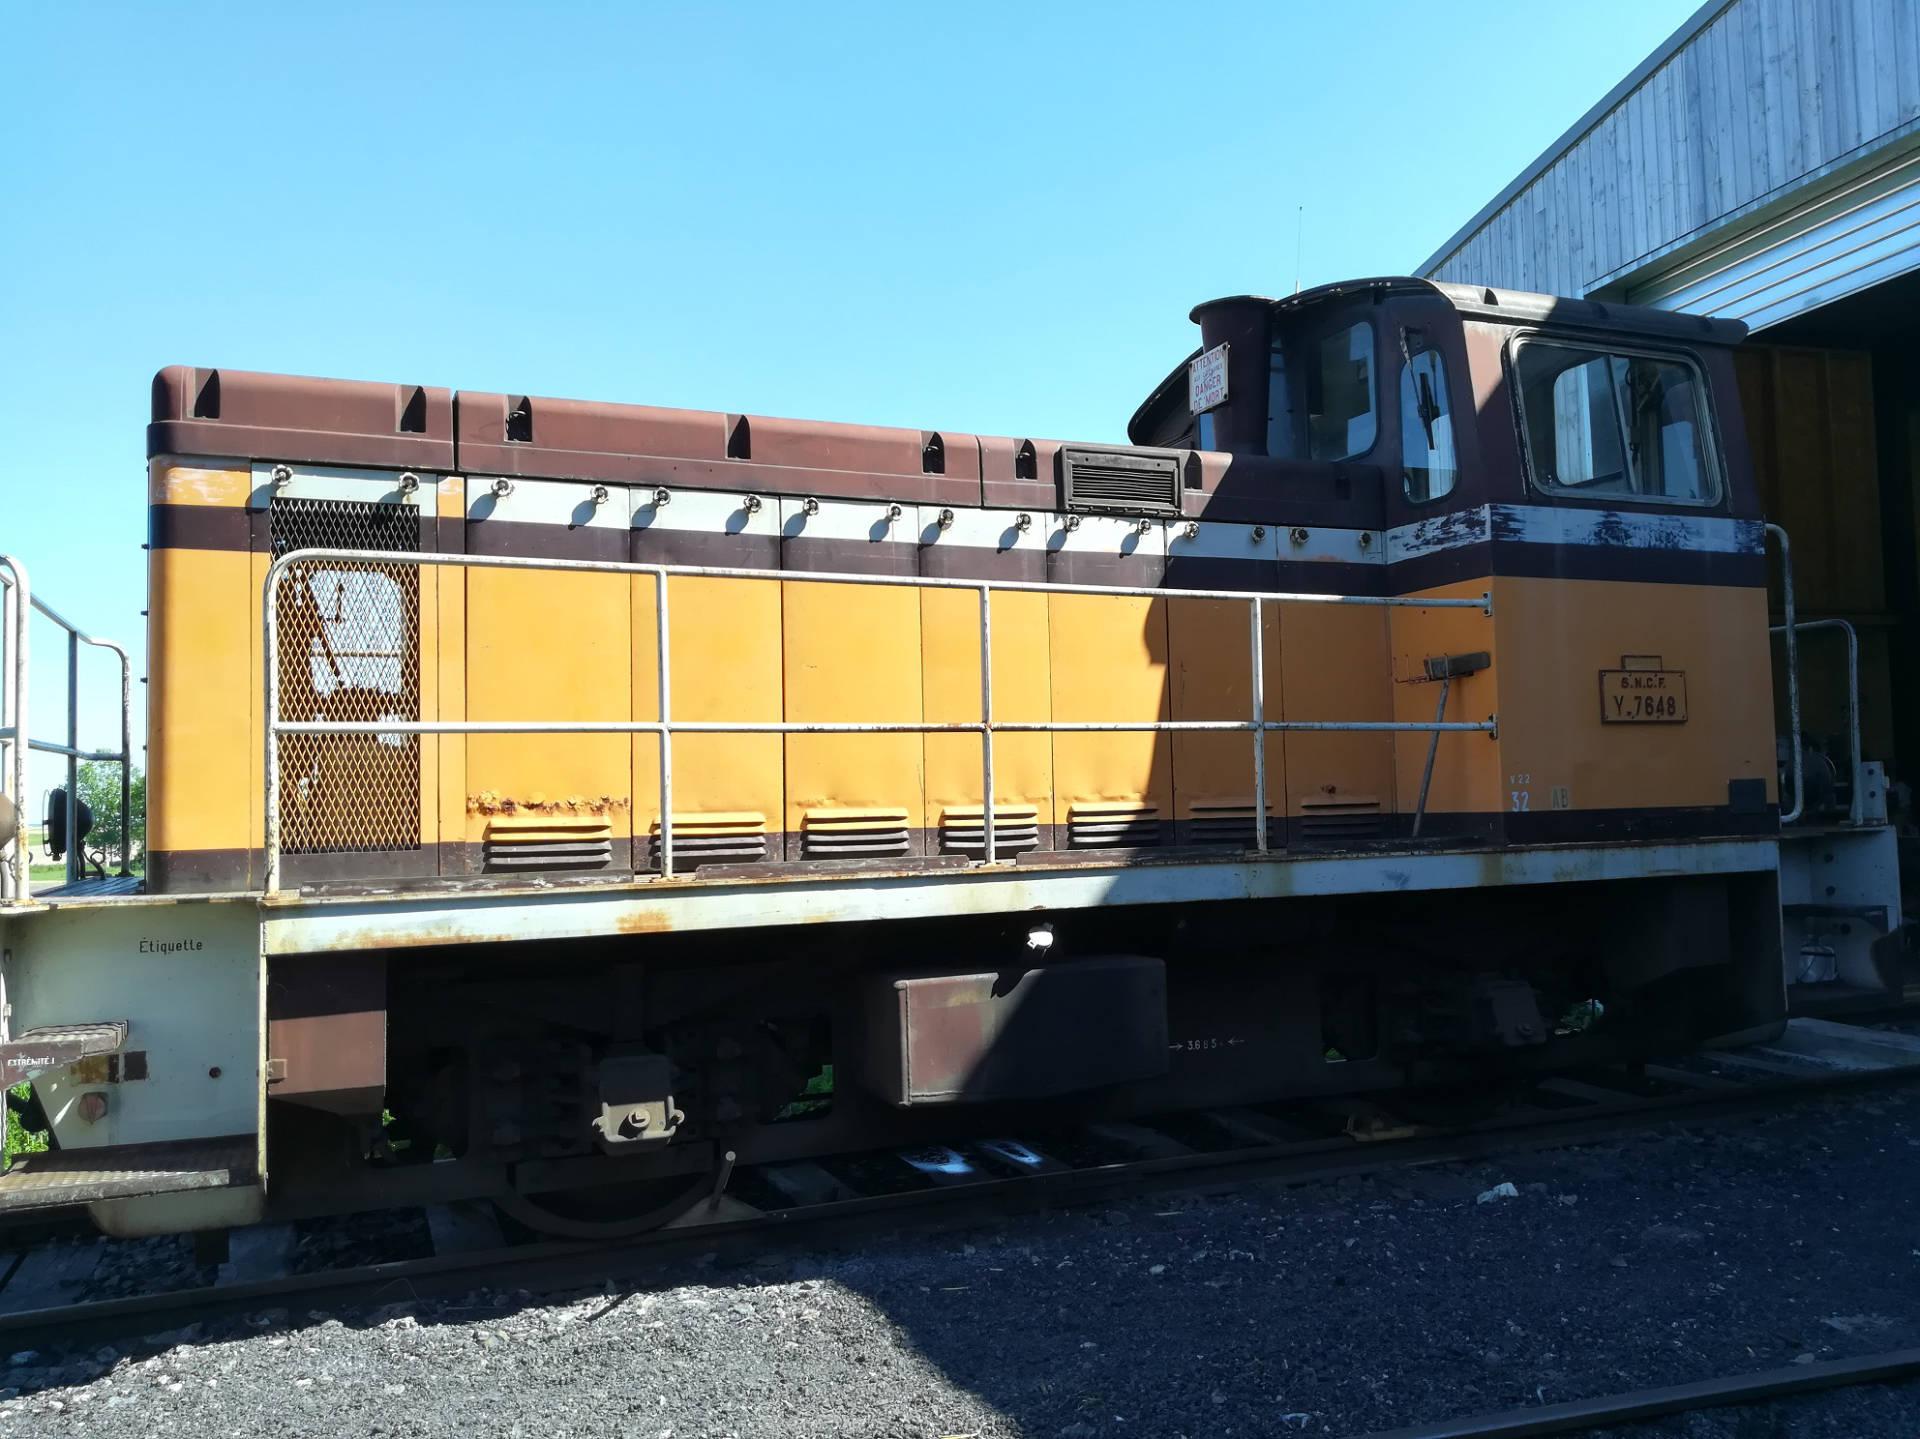 locotracteur-Y-7648-2